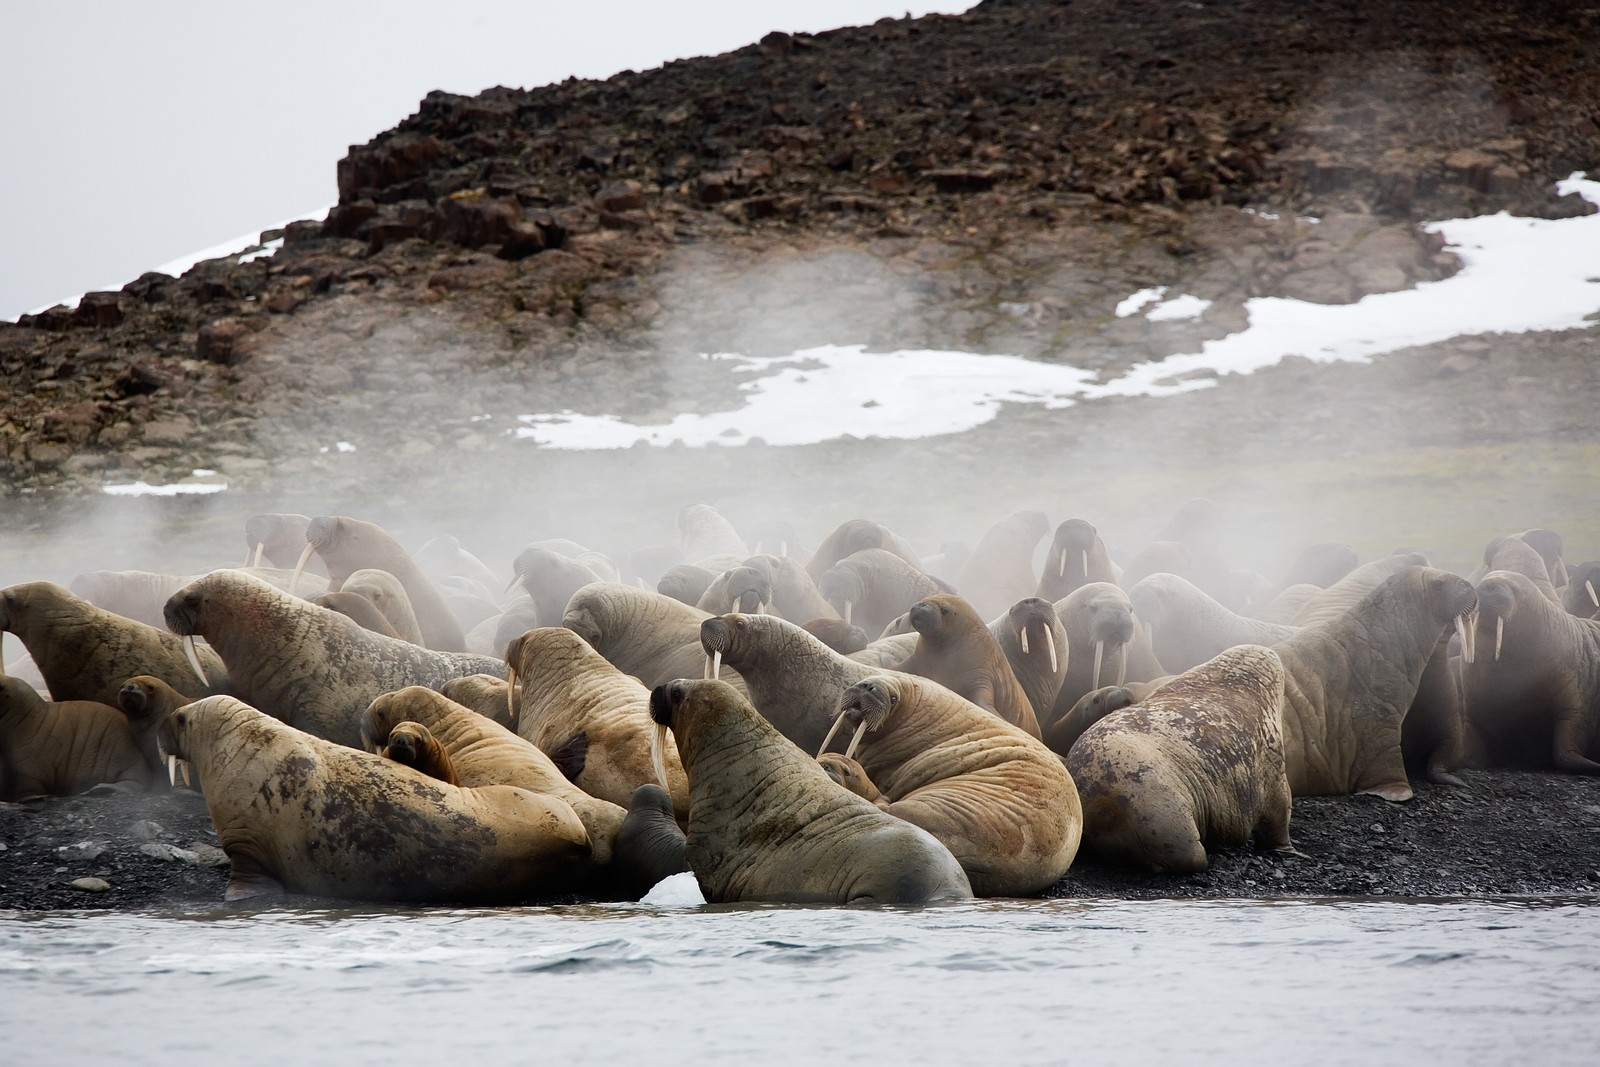 PÅ STRANDEN VED FRANS JOSEF LAND: Hvalross er ekstremt sosiale dyr som ligger tett inntil og av og til oppå hverandre når de hviler seg på land eller på isen.